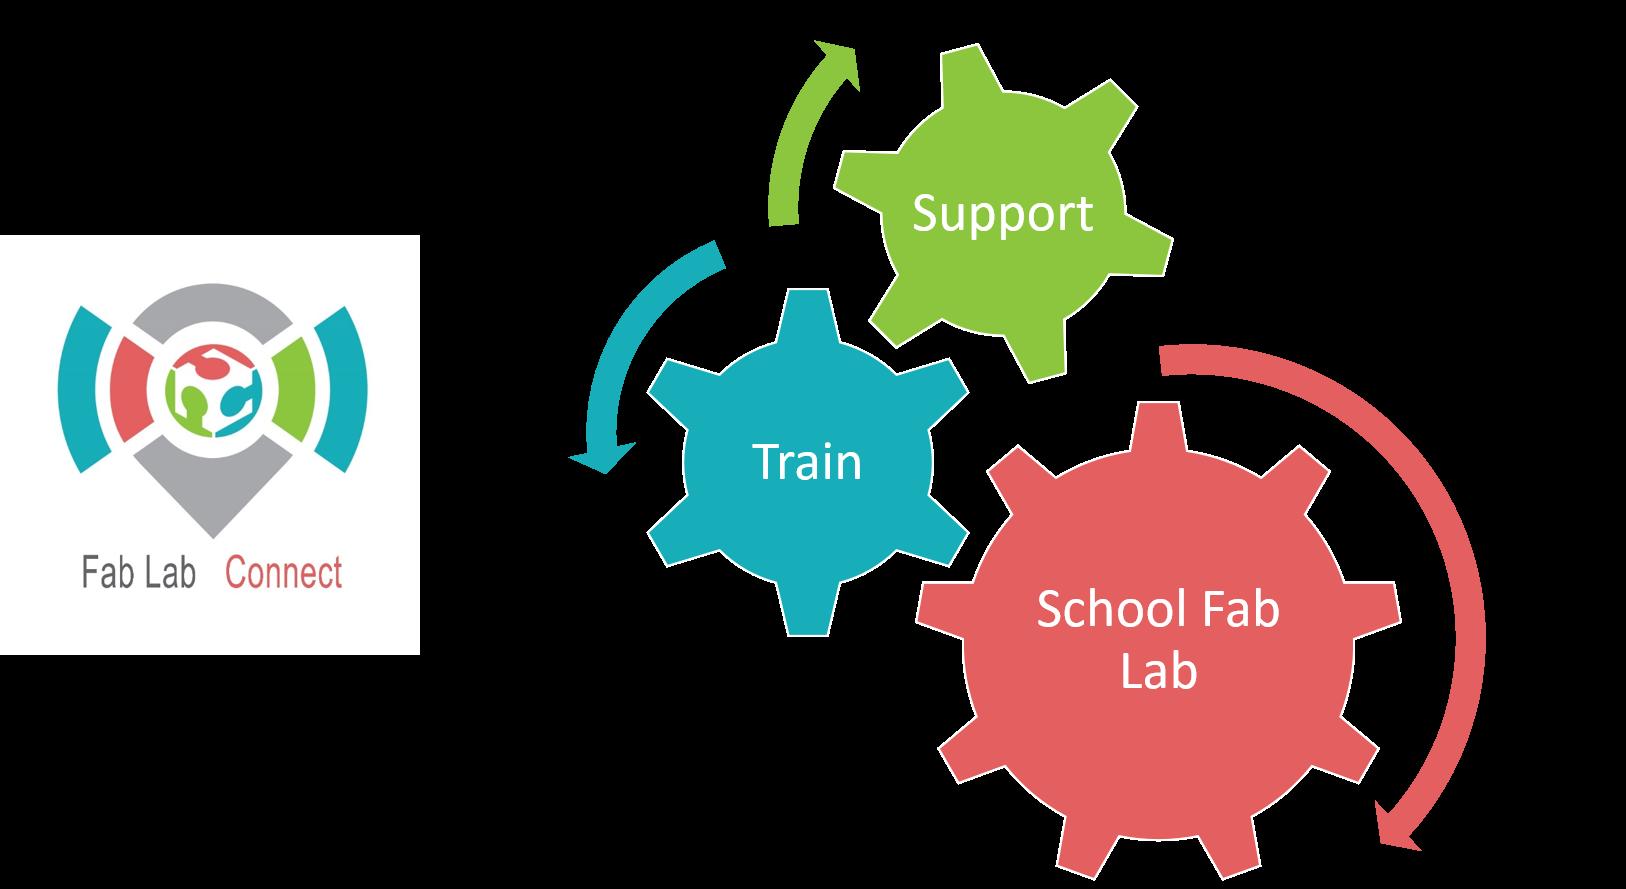 School Fab Lab